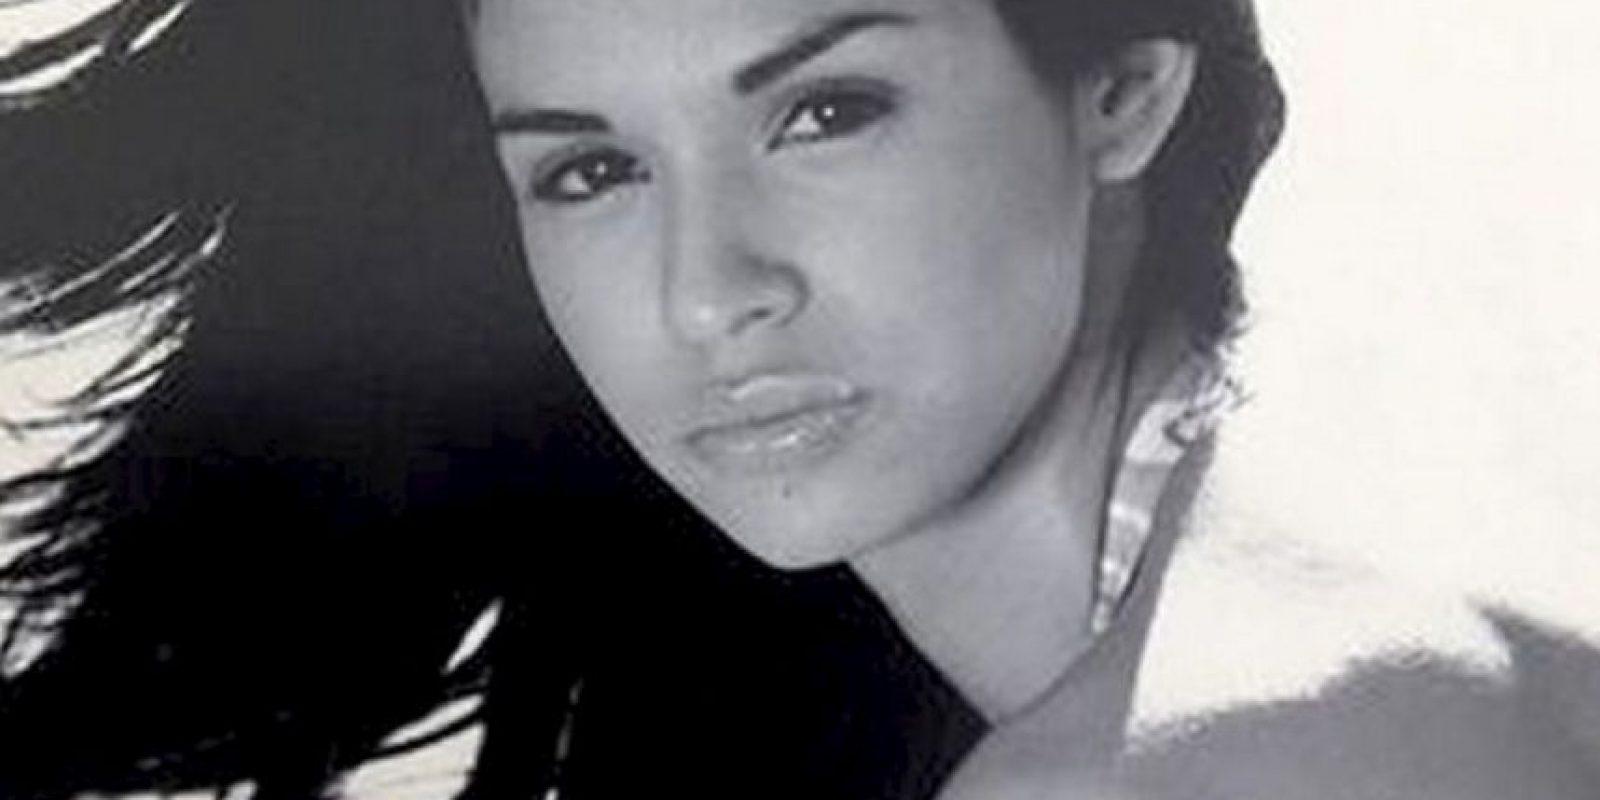 La joven mexicana obtuvo el título Miss Sinaloa 2008. Foto: twitter.com/huizarlaura